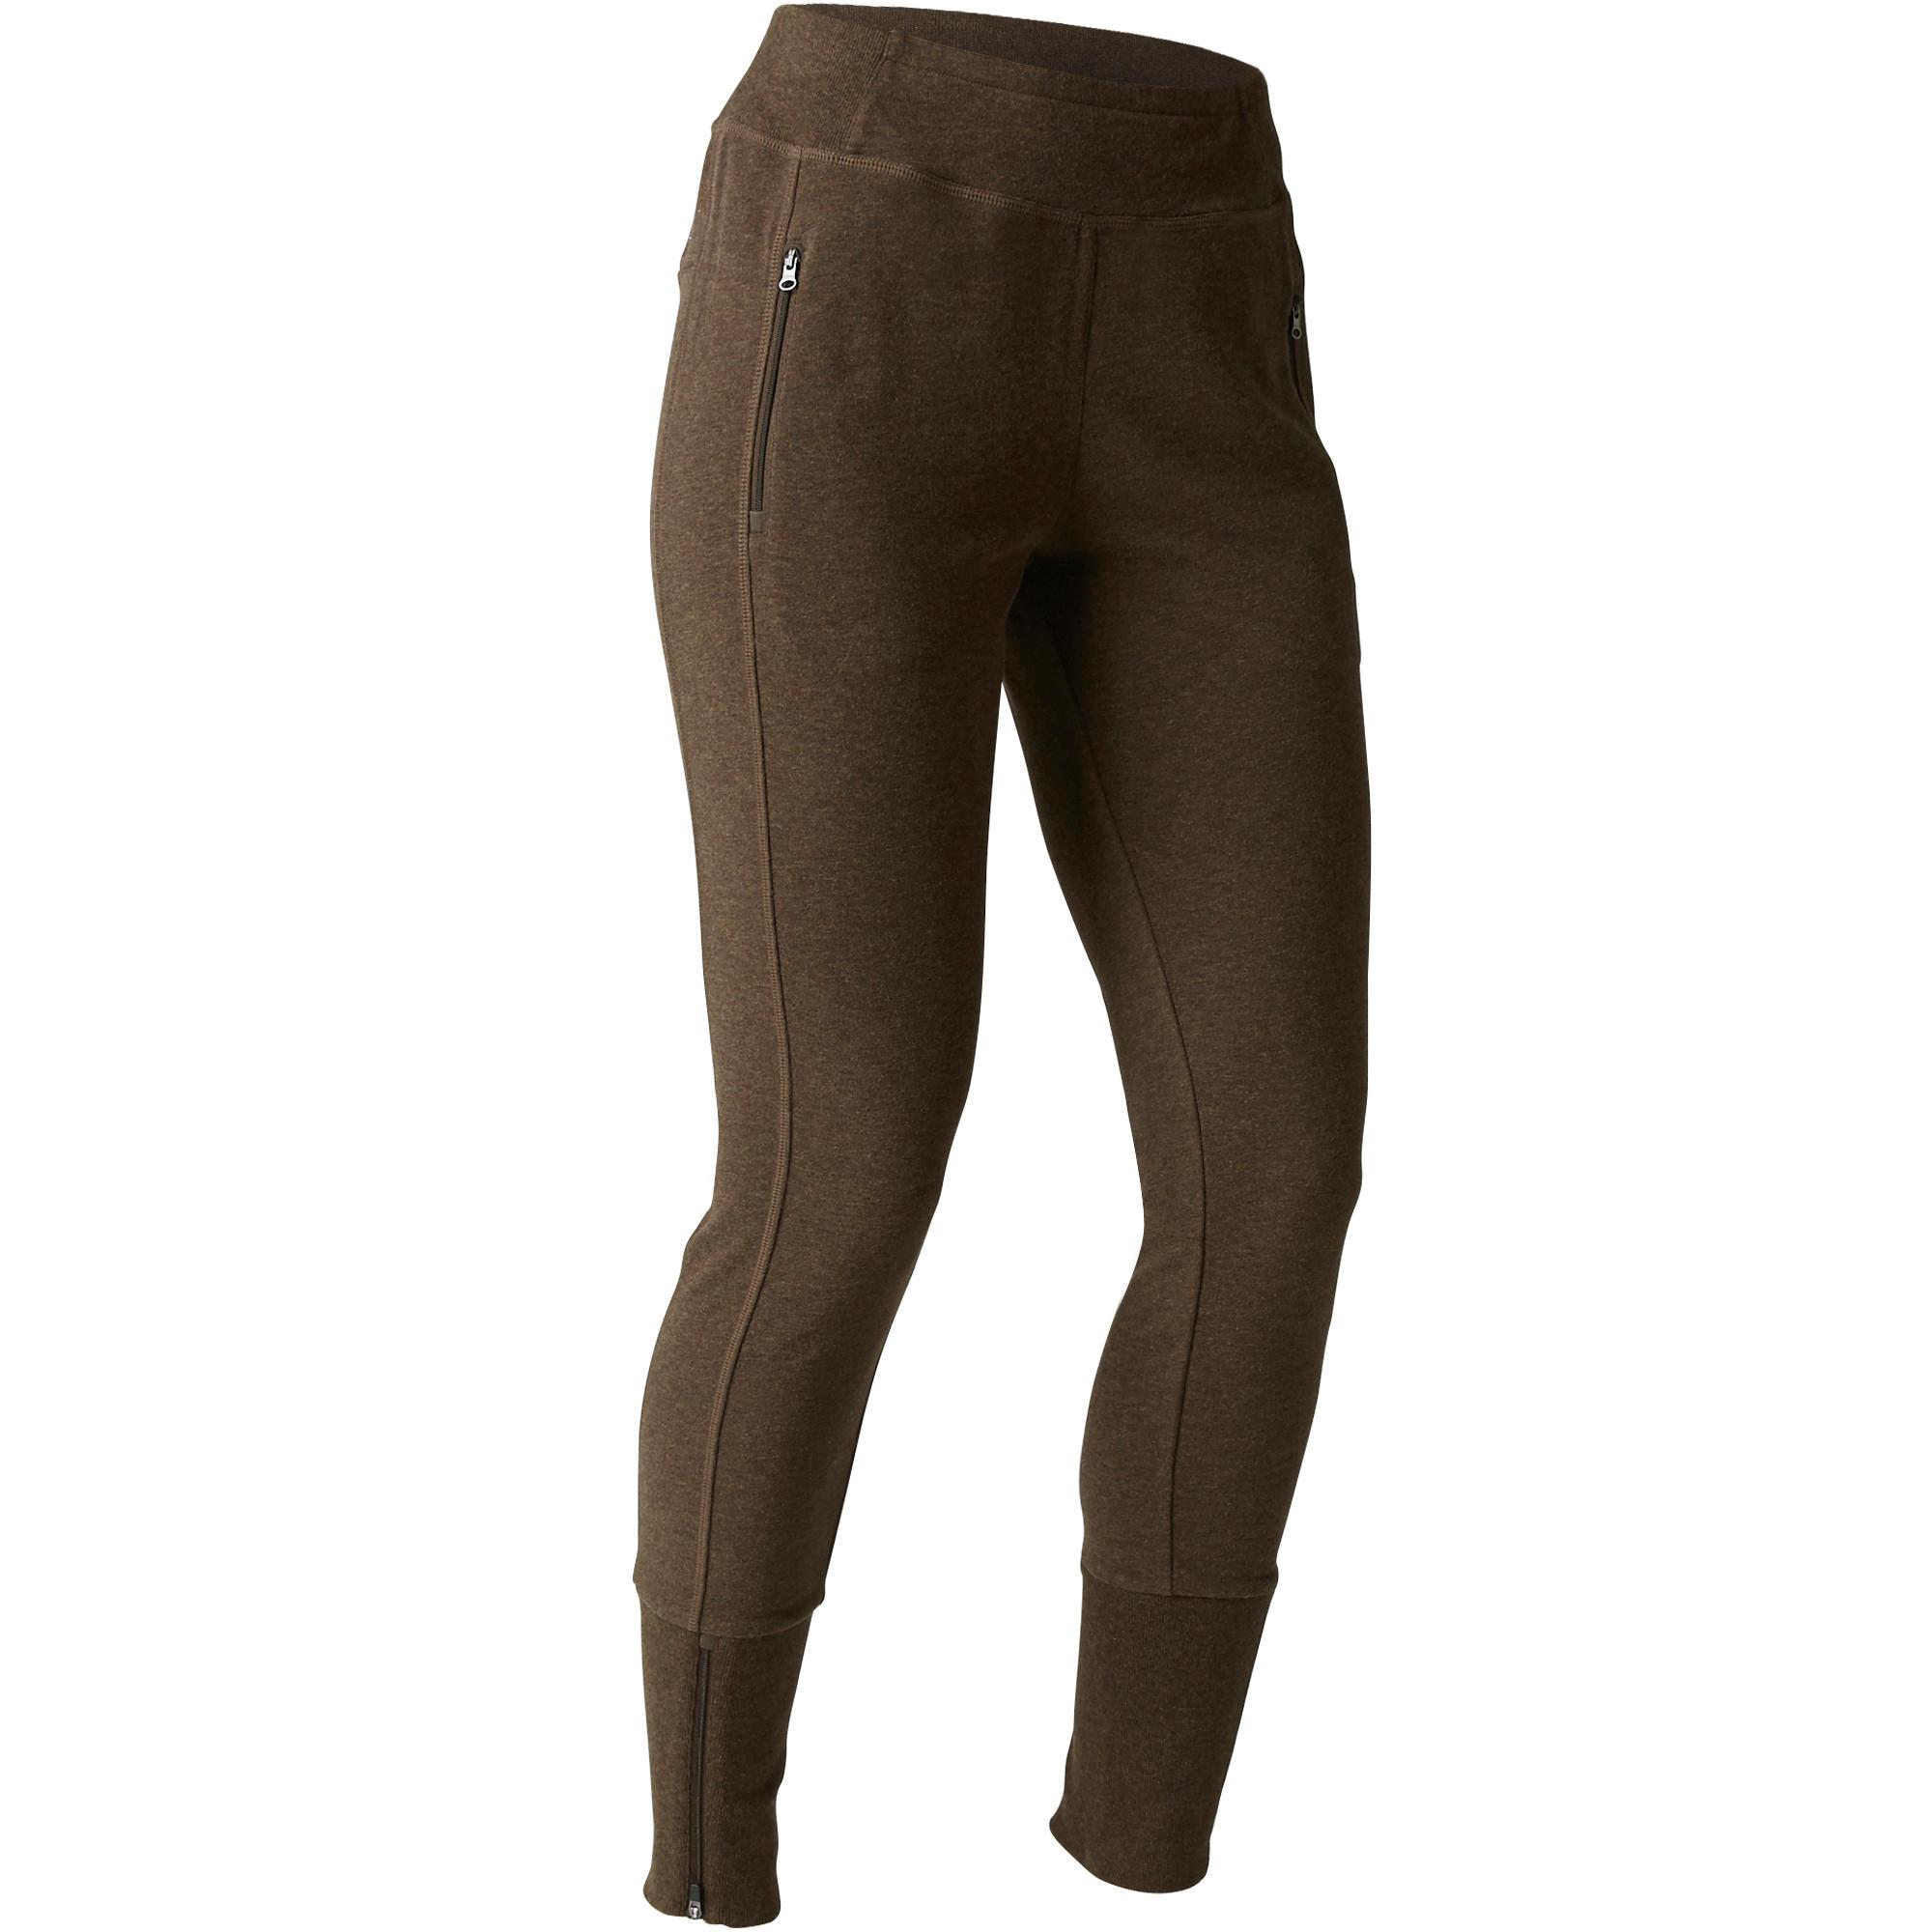 1e28f624 Pilates Spodnie Gym 500 Dresowe Odzież Damska Slim Damskie amp; 5II7Ywq